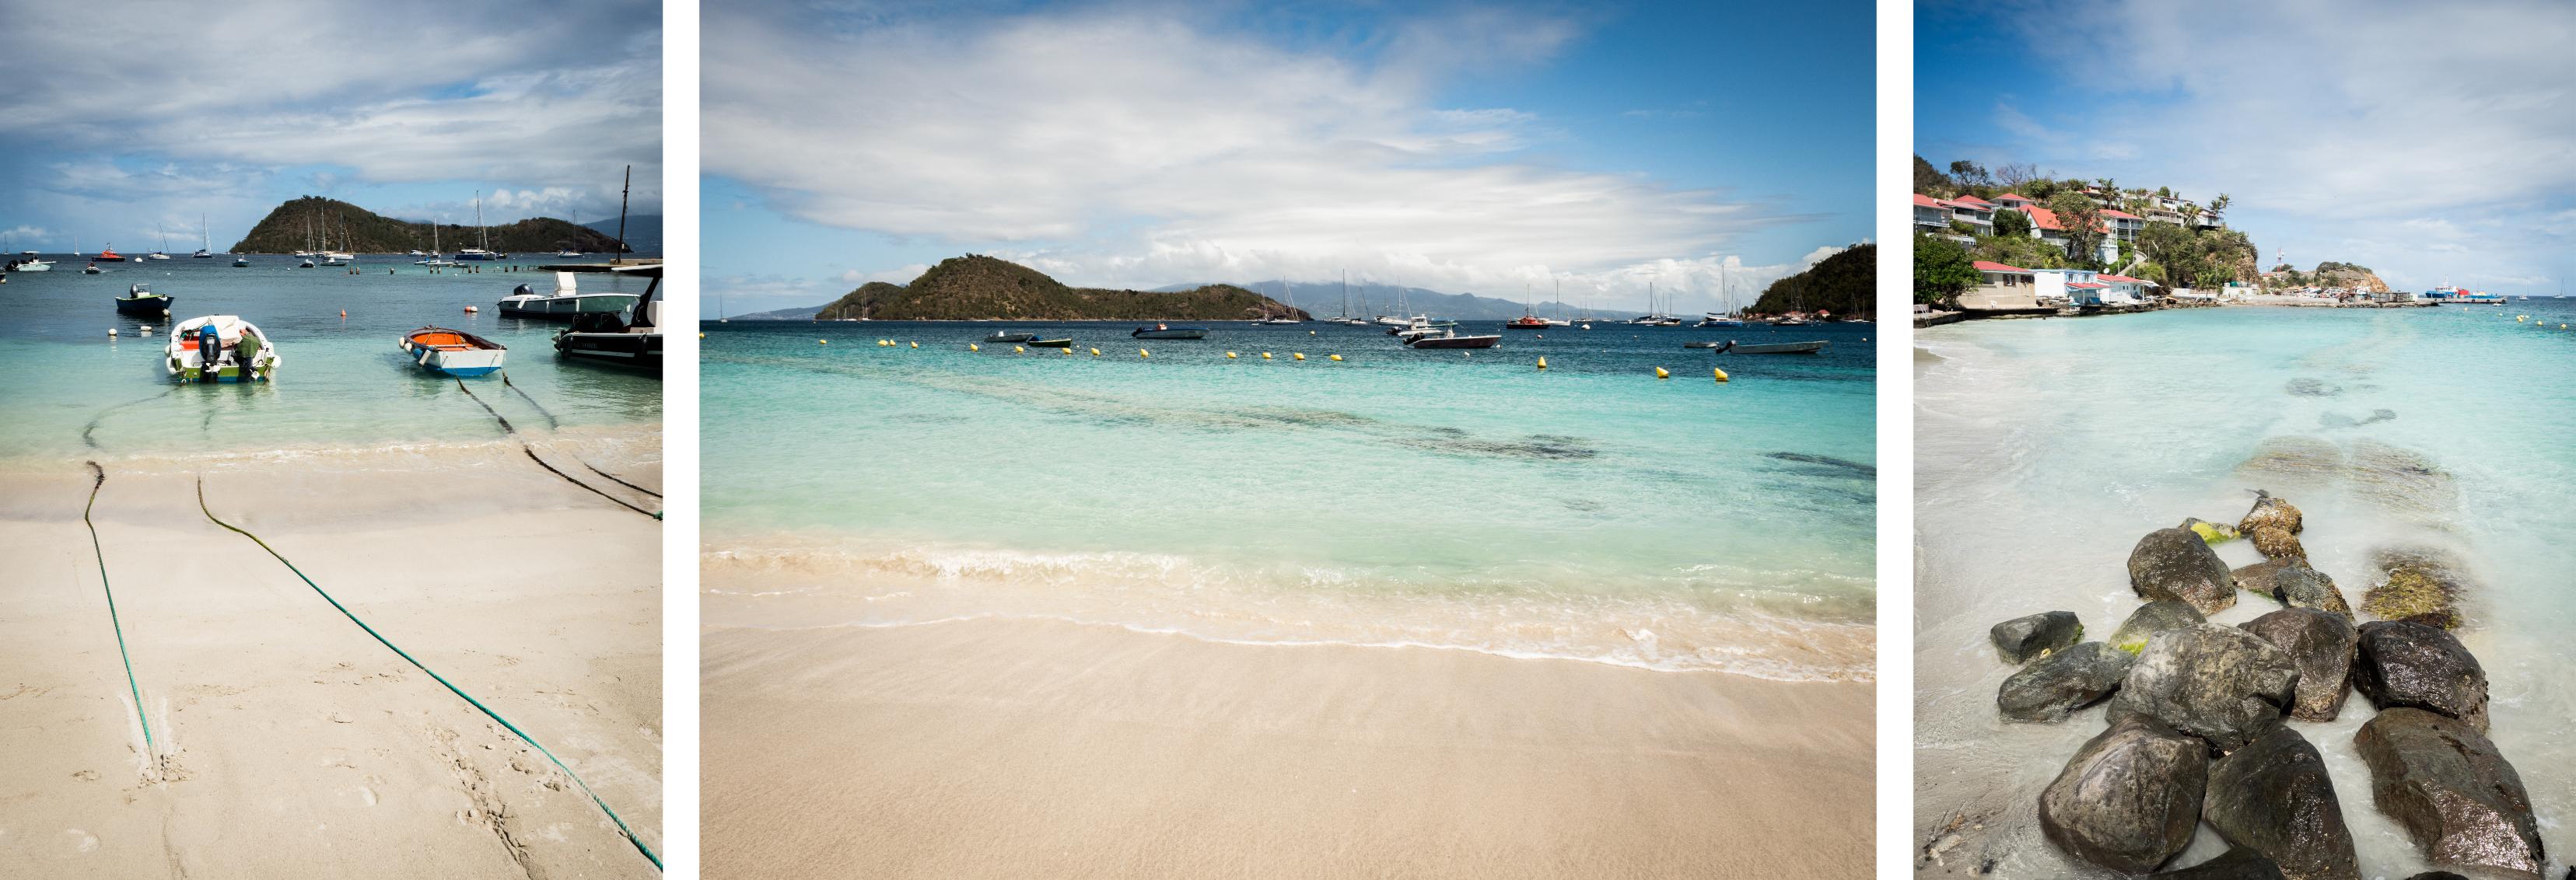 les saintes - guadeloupe - plus belle baie du monde